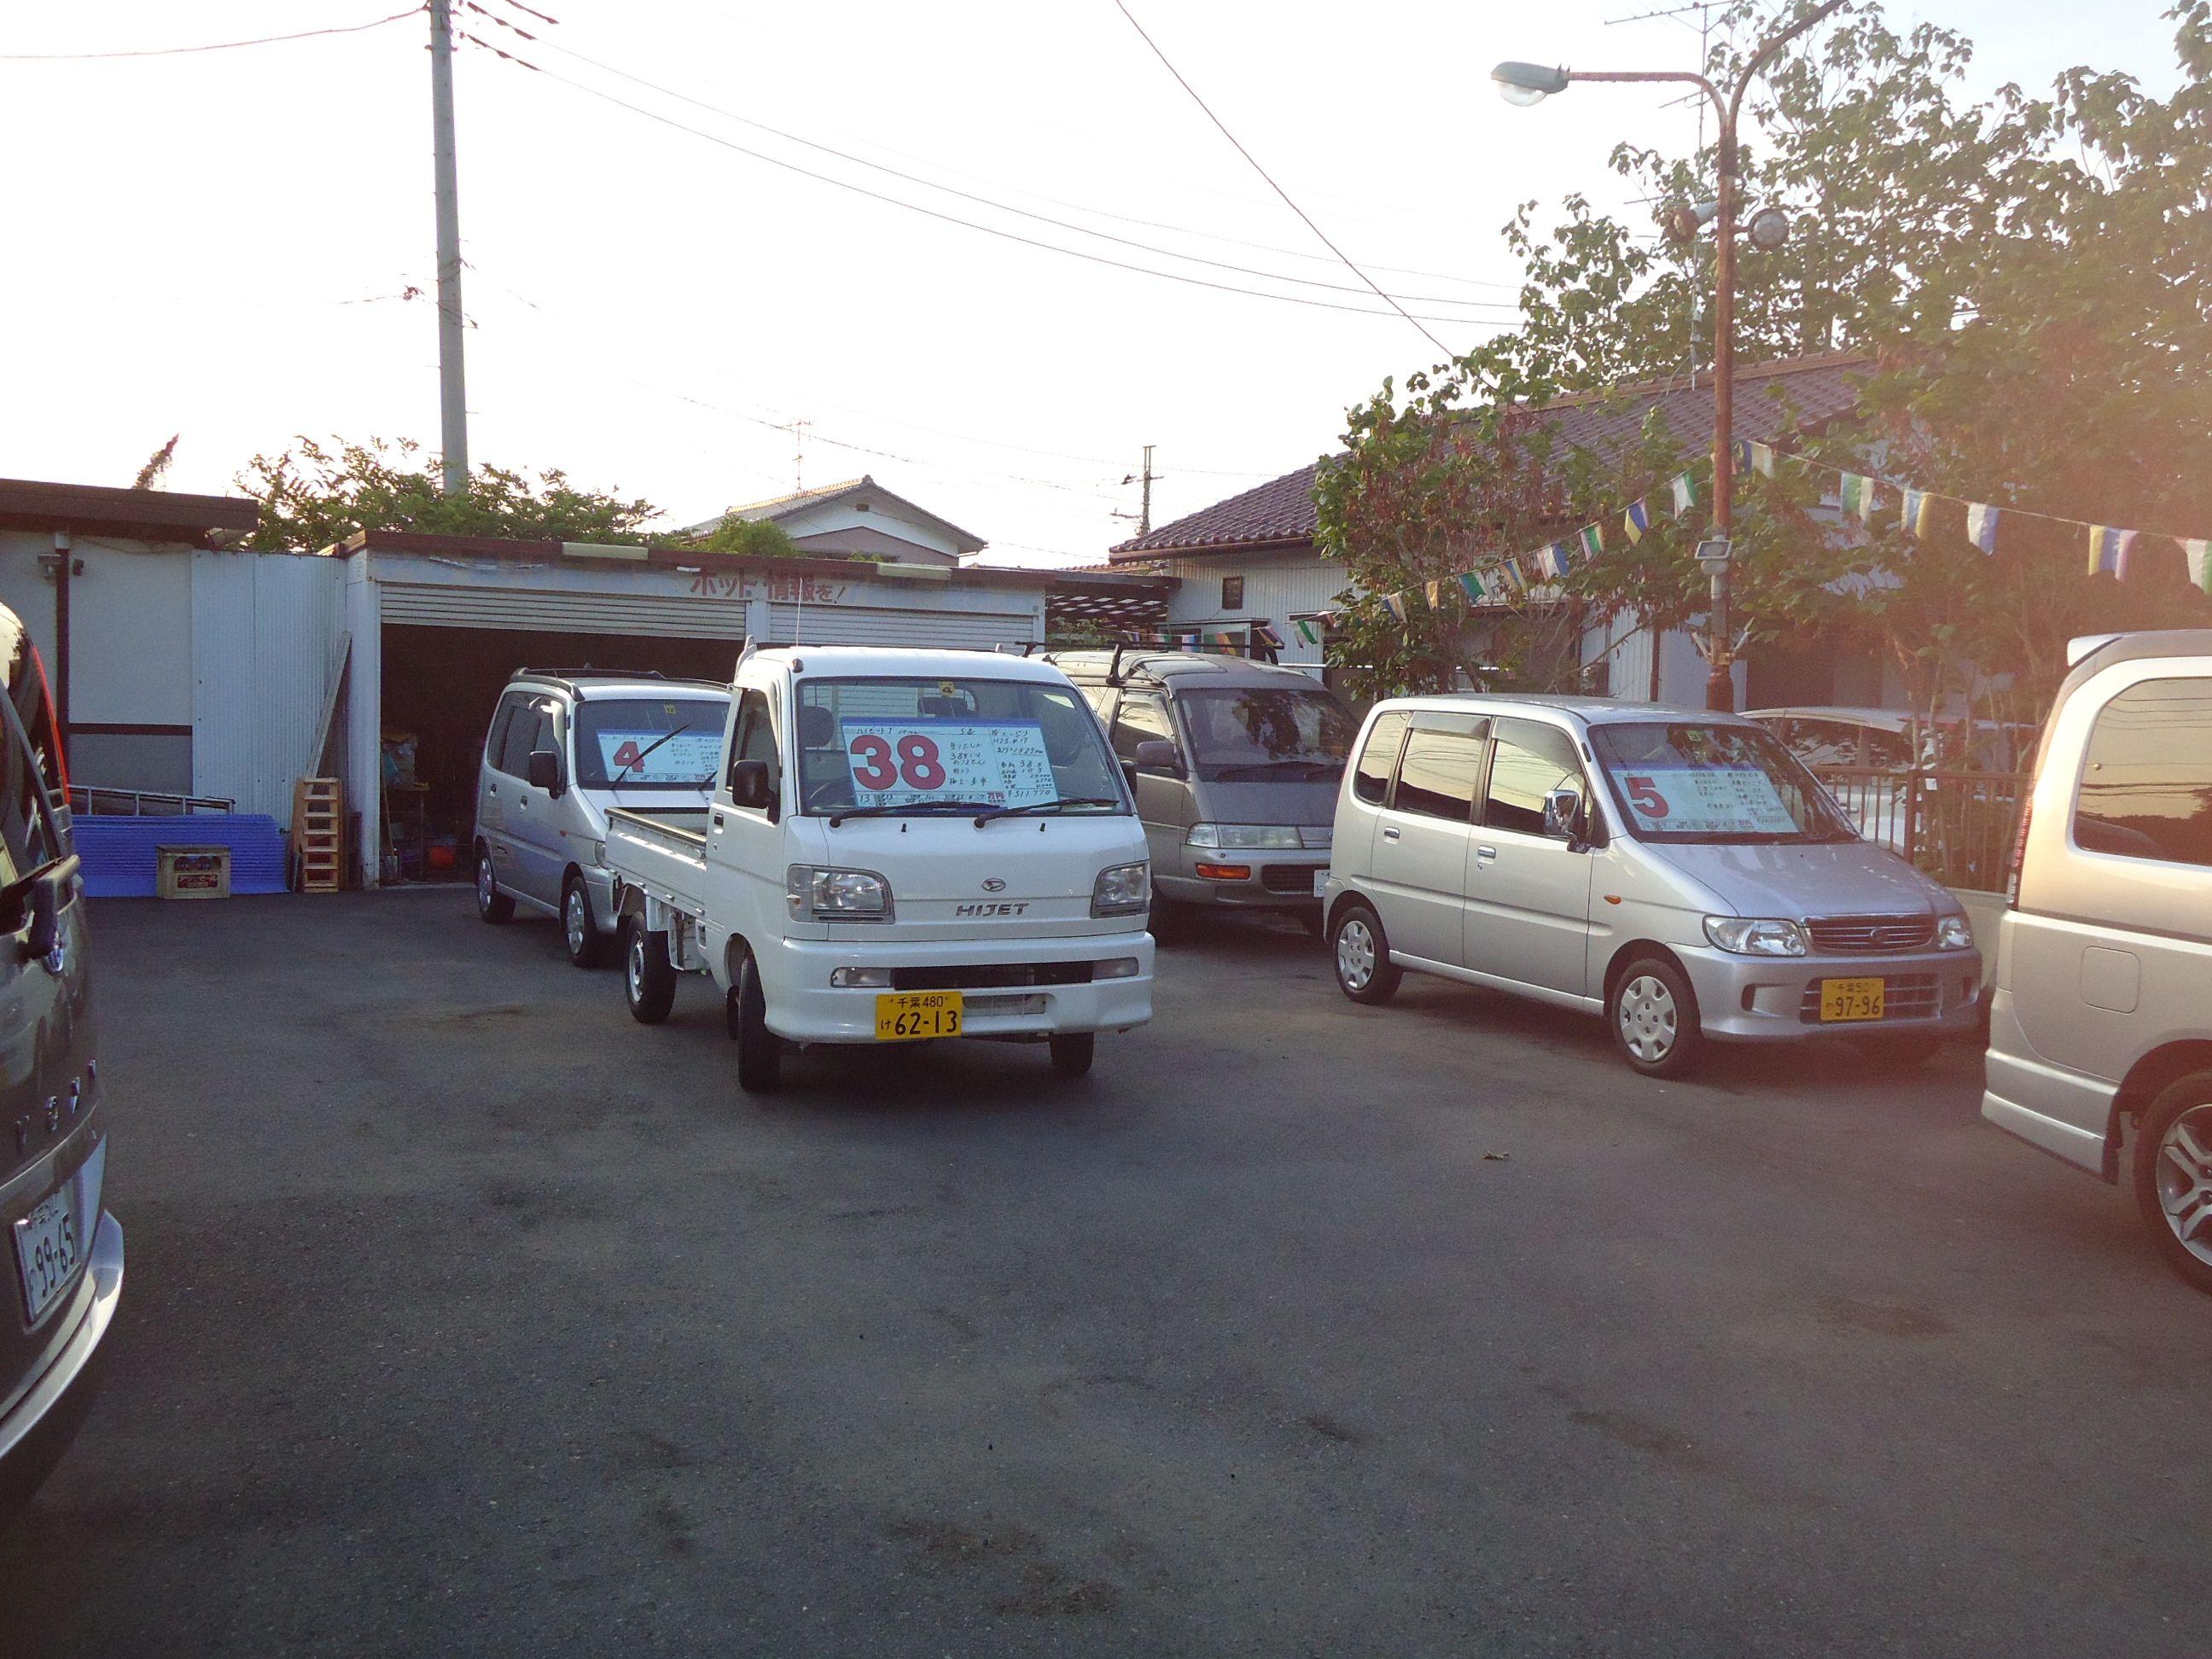 ◆~仕入れ車輌について~◆当店の在庫車両は、値段の割に丁寧に乗られていた車輌を厳選して仕入れております。また、全車輌をポリッシャーにて磨きを掛けてからワックス掛けを行っておりますので、車輌もキレイな状態でご覧頂けます。安かろう悪かろうでは当たり前です。当店は、少しでも金額を抑えるために走行距離多めの車輌が多くなっておりますが、他店さんの同価格帯の車輌と比べれば、かなり丁寧に仕上げていると思います。但し、年式・距離をある程度ご考慮頂き、新車同様の様な過度な期待では無く、あくまで中古車としてご理解頂ければと思います。